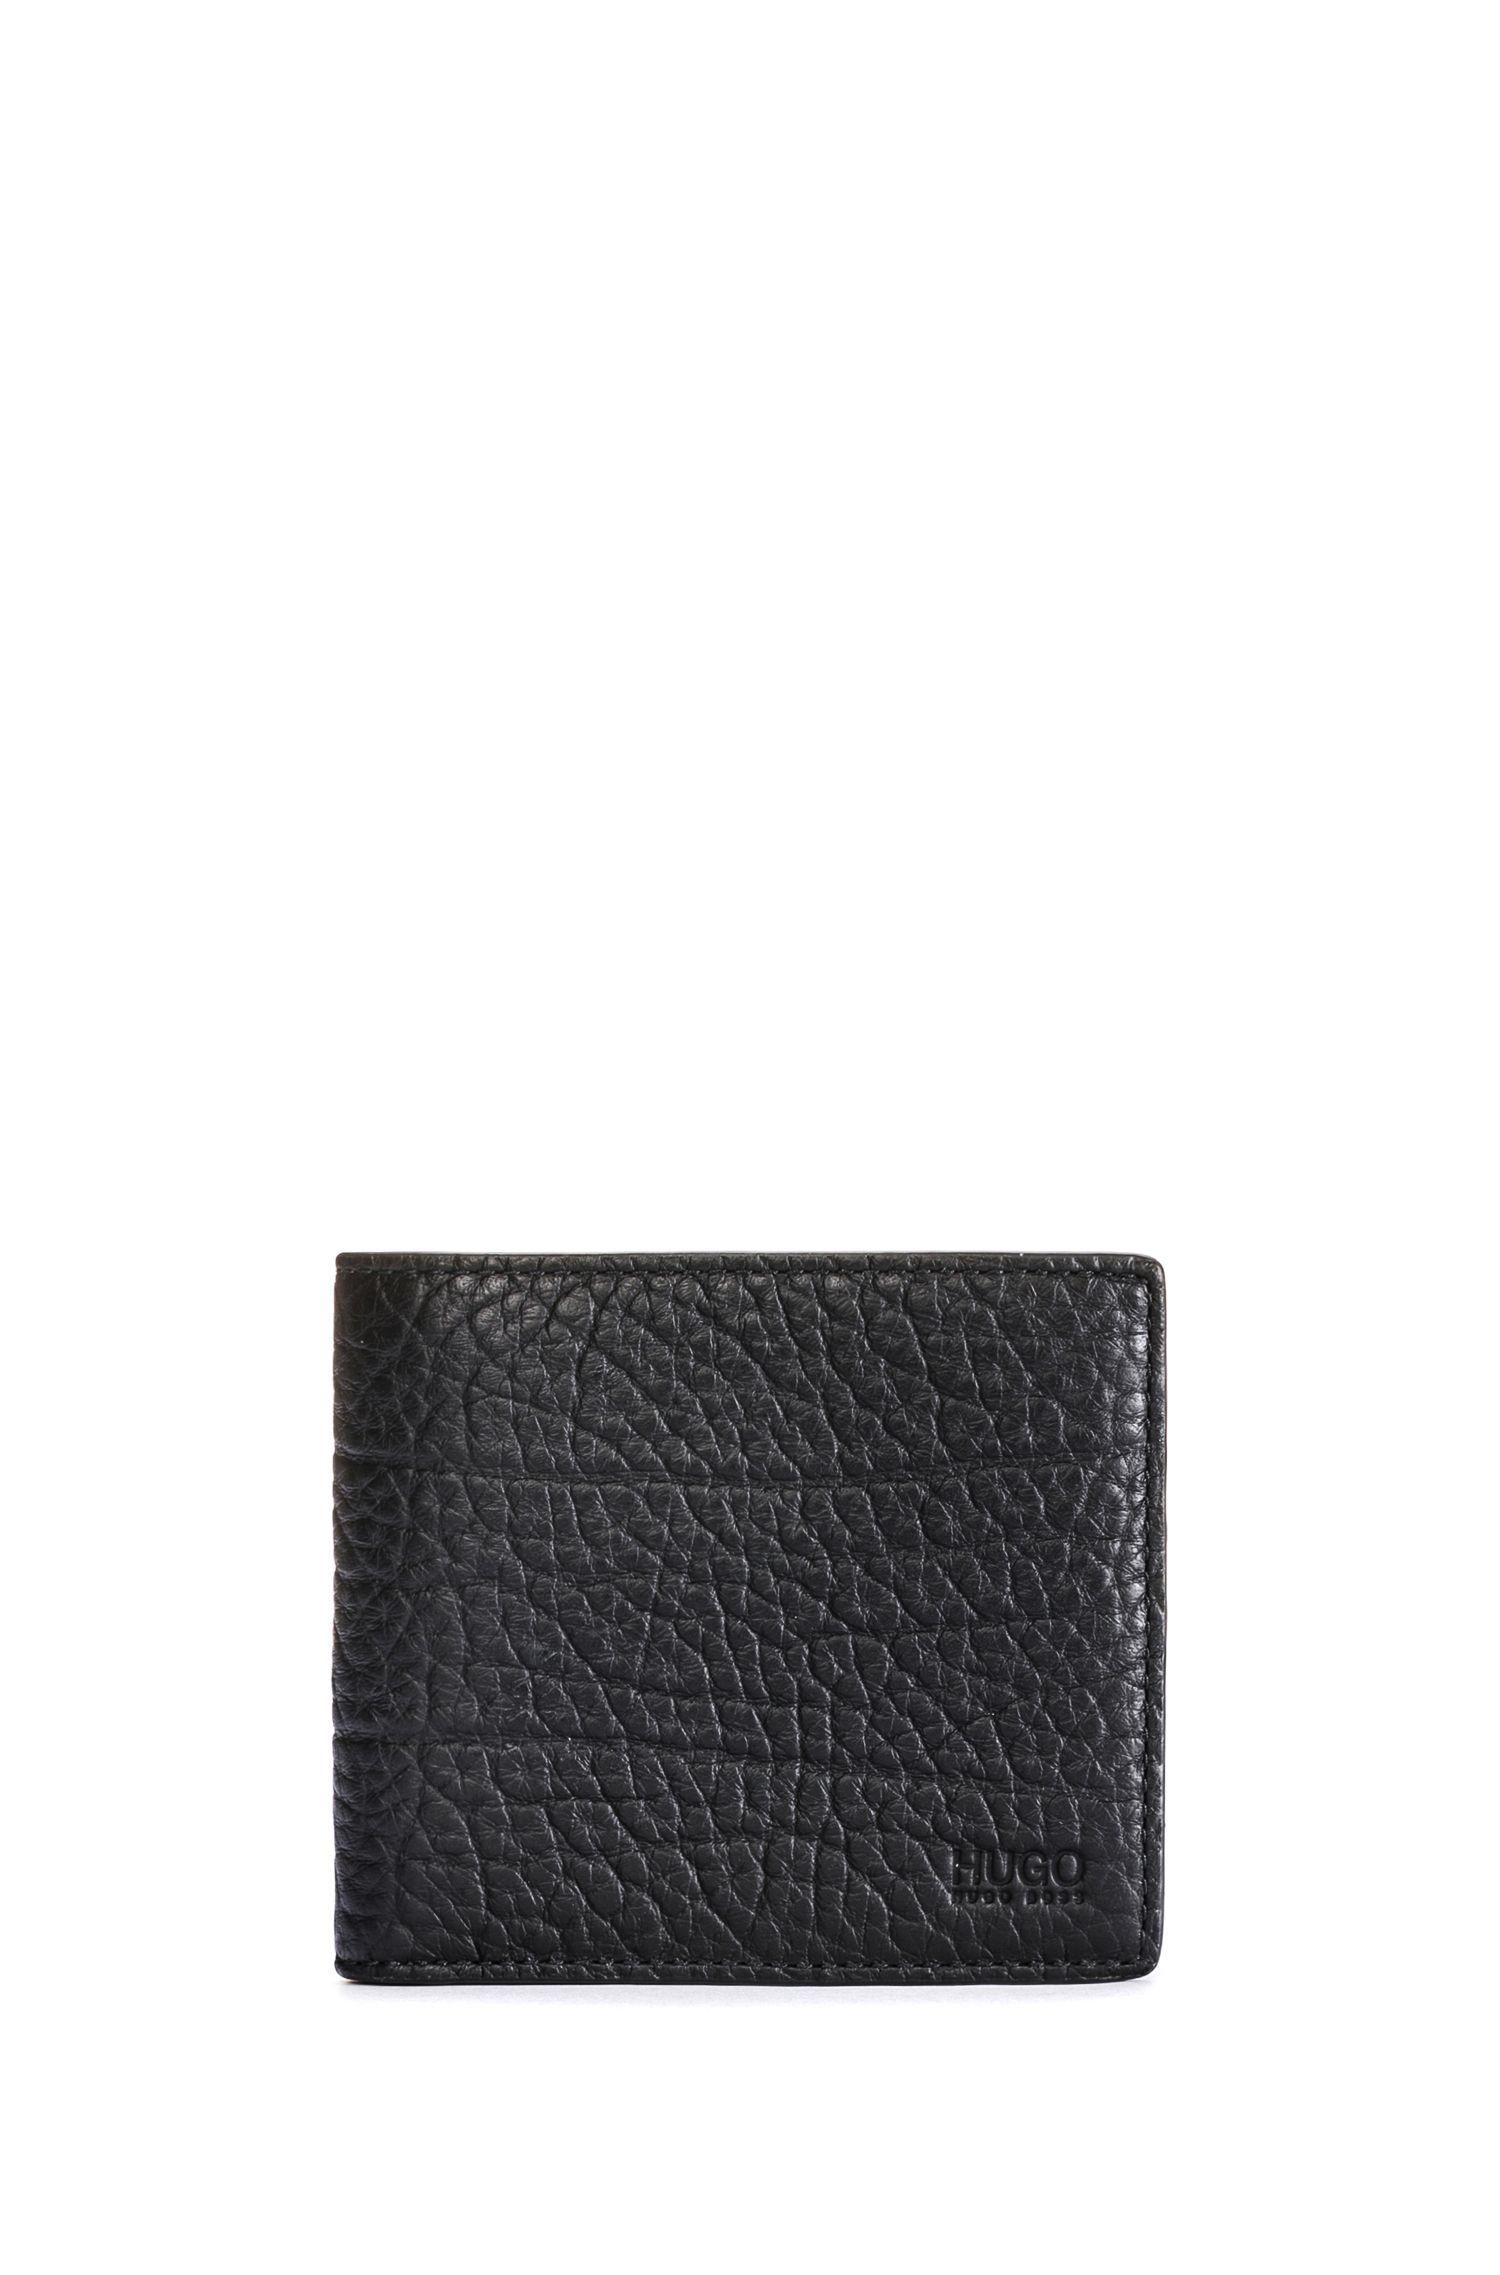 Openklapbare portemonnee van generfd rundleer met acht vakjes voor pasjes